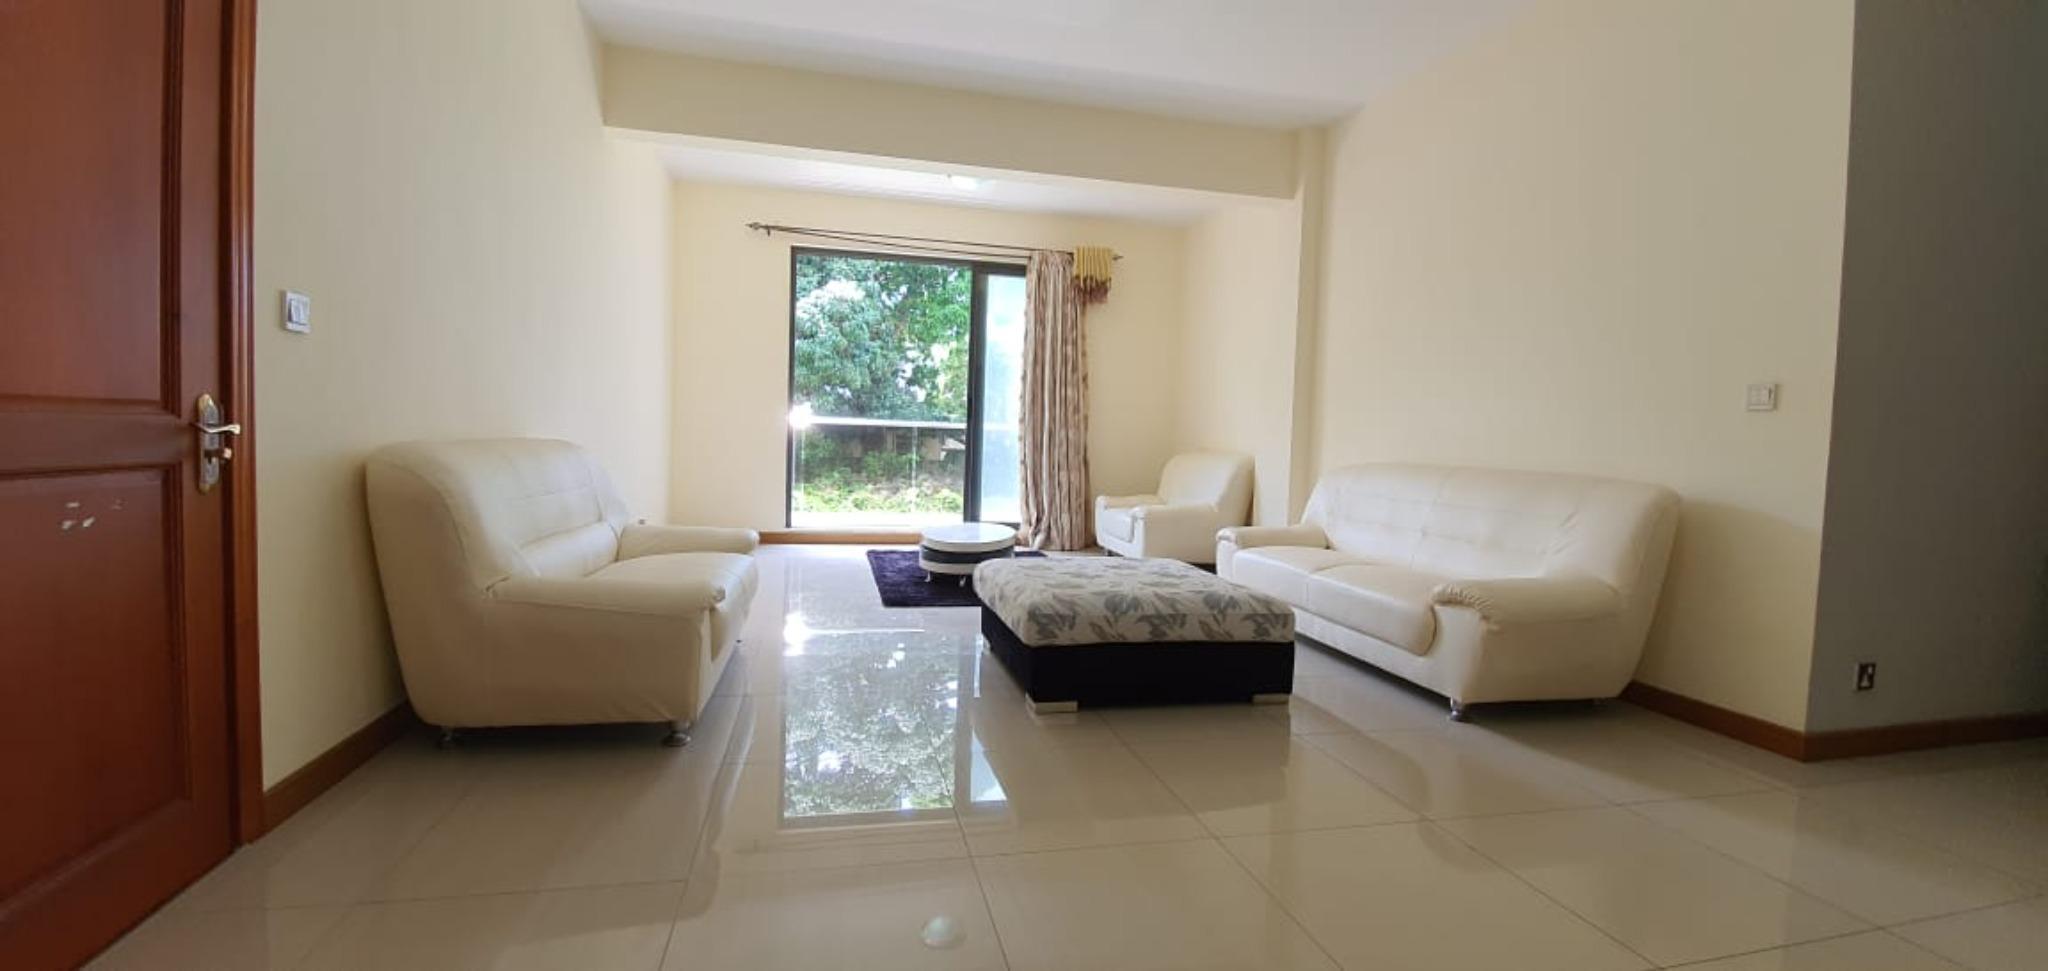 A vendre – Bel appartement semi-meublé de 132m² est situé au 1er étage (avec ascenseur) à Beau-Bassin.